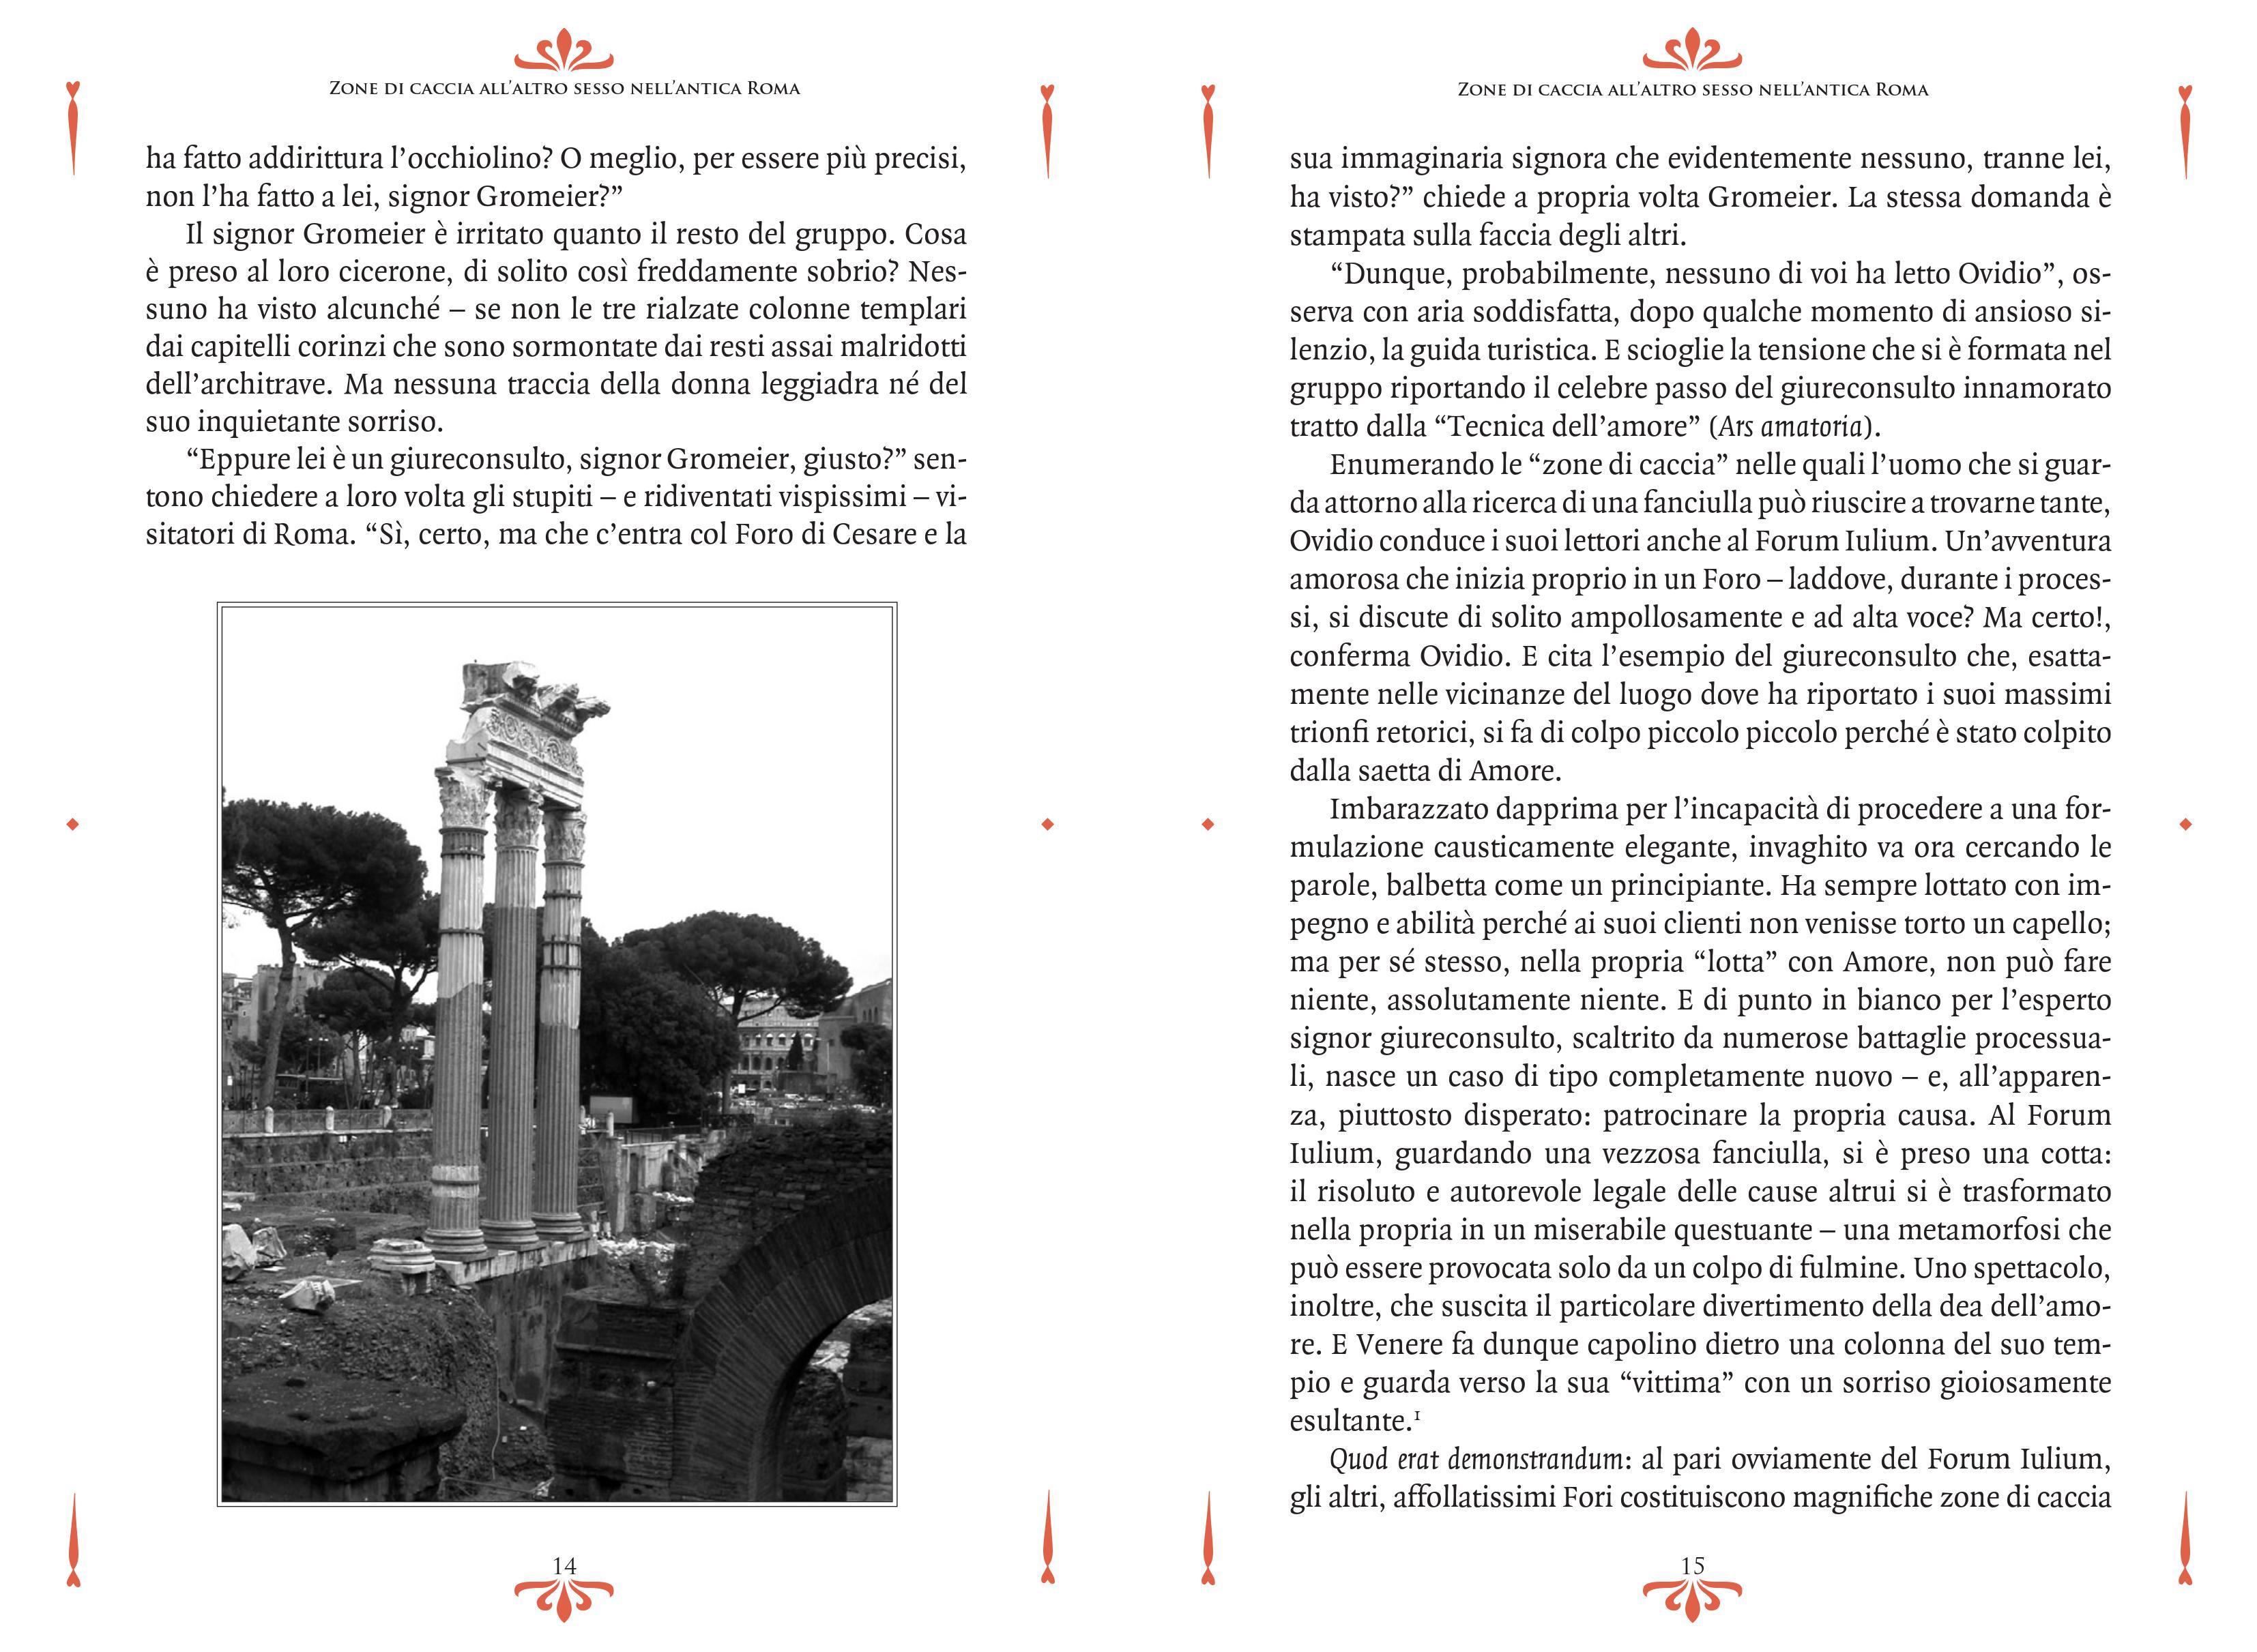 flirtare-alla-maniera-degli-antichi-romani-02